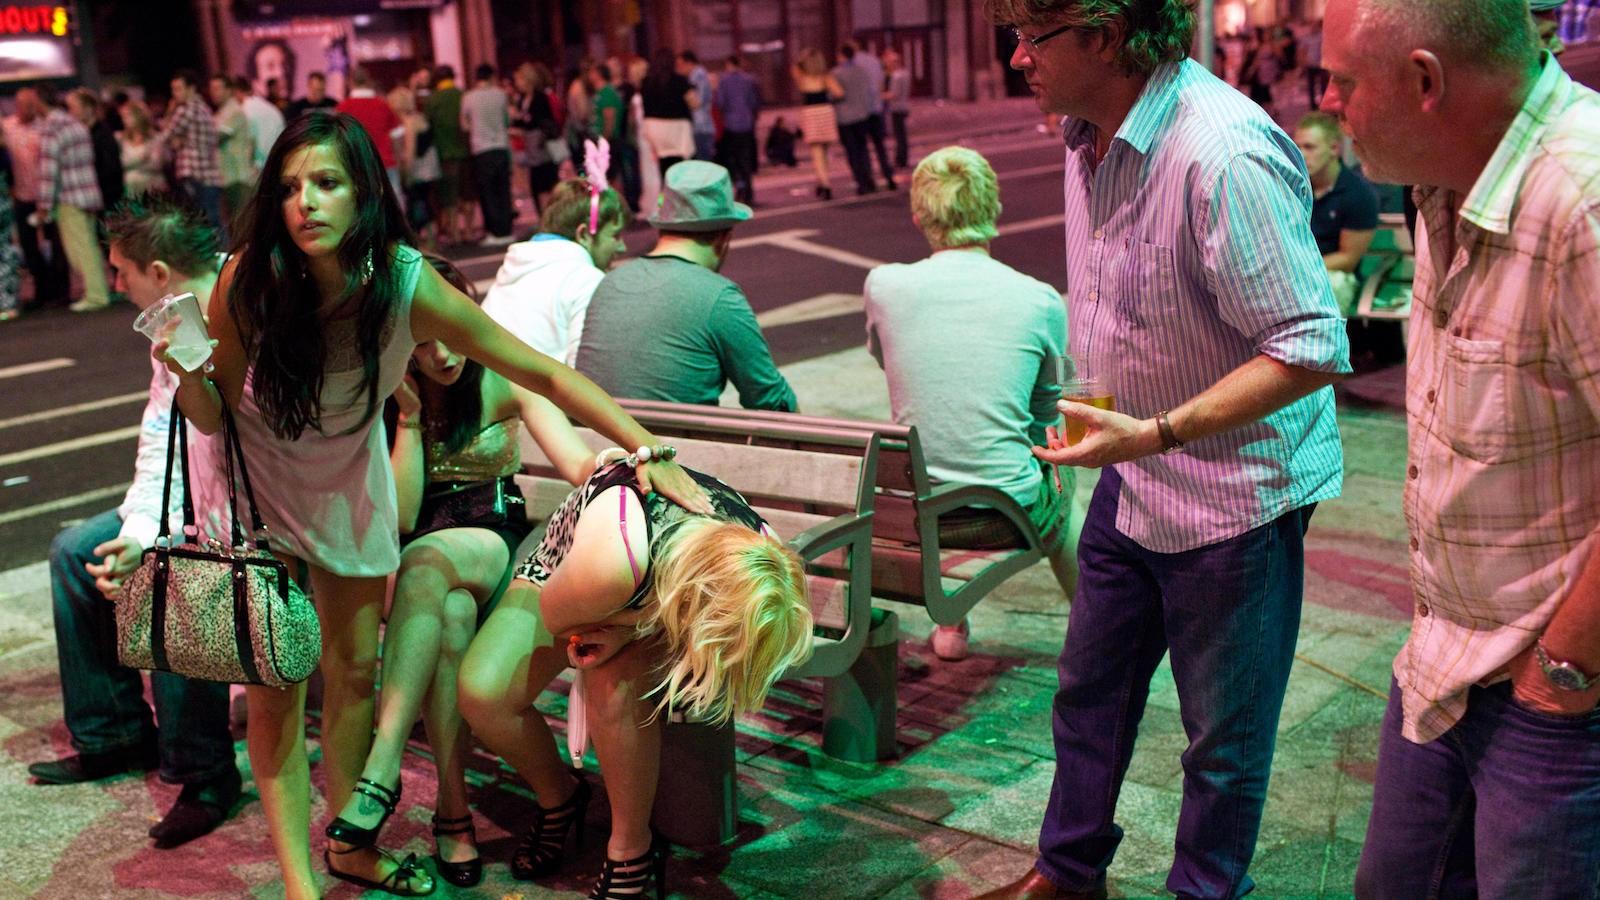 Толпа пустила по кругу девушку, Gangbang порно видео где ебут толпой смотреть онлайн 25 фотография